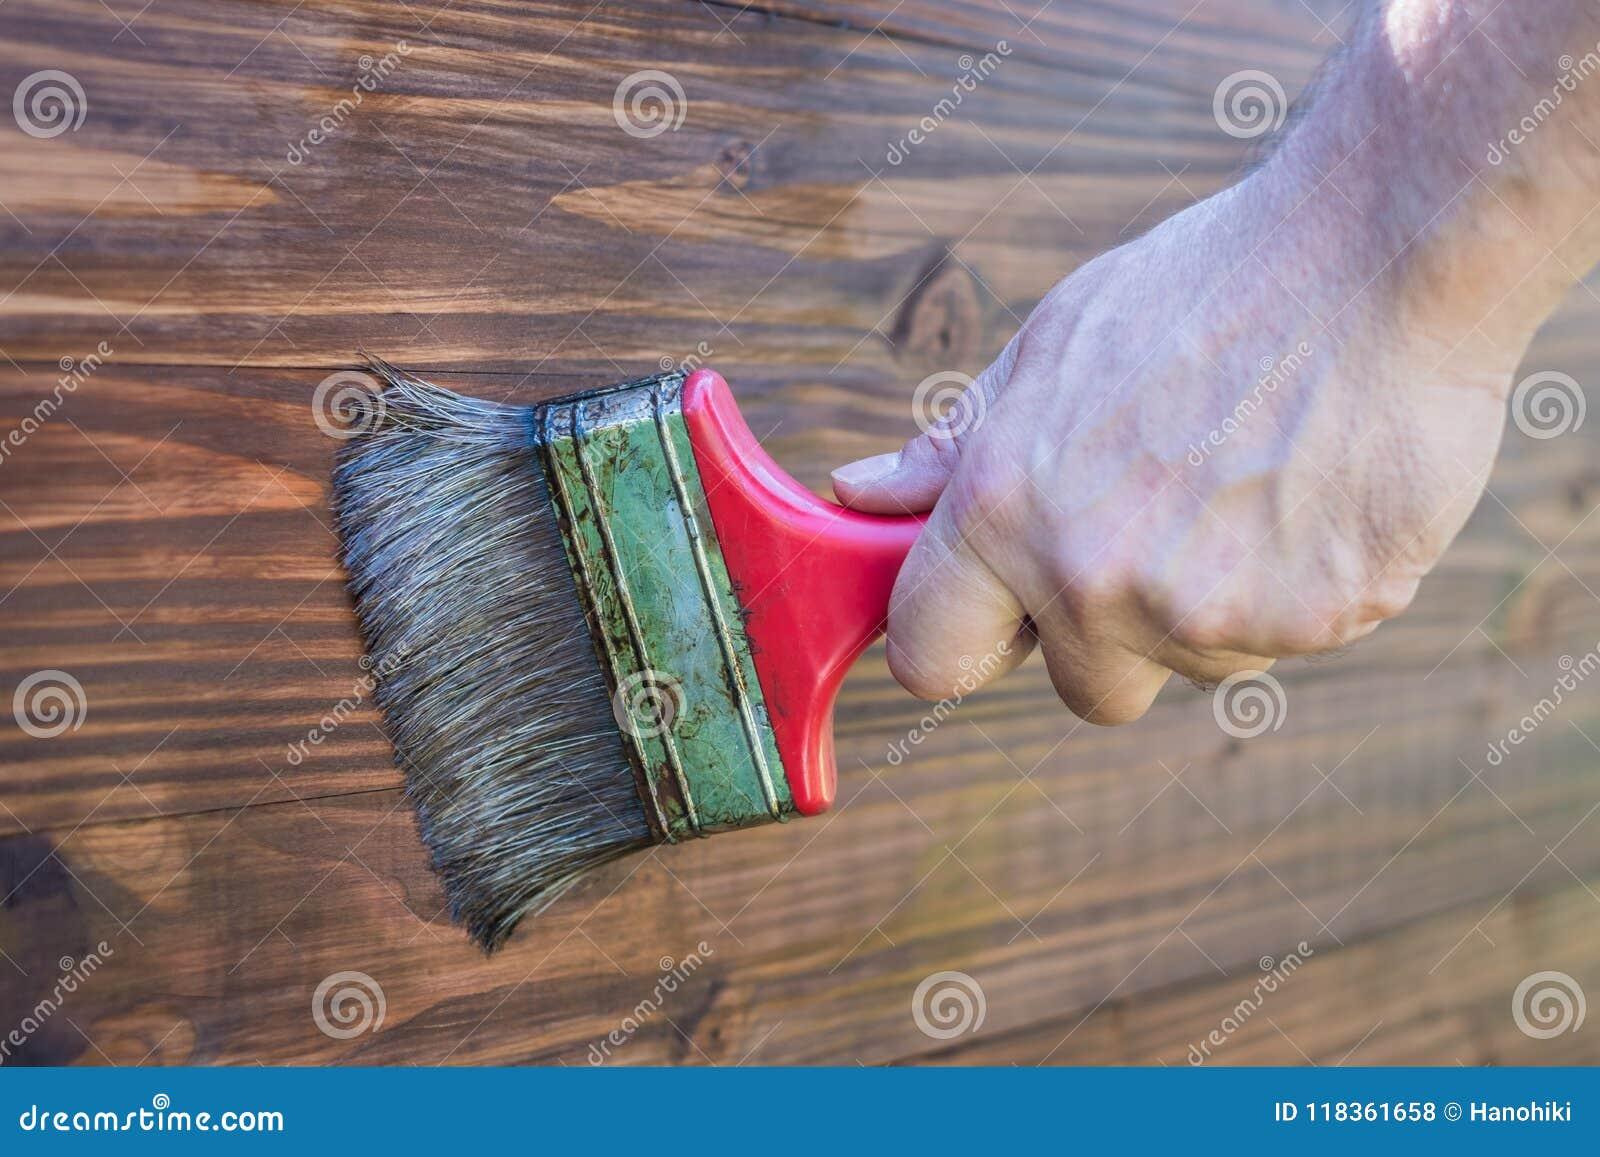 Vernis de peinture sur le bois - vernissant la surface en bois -